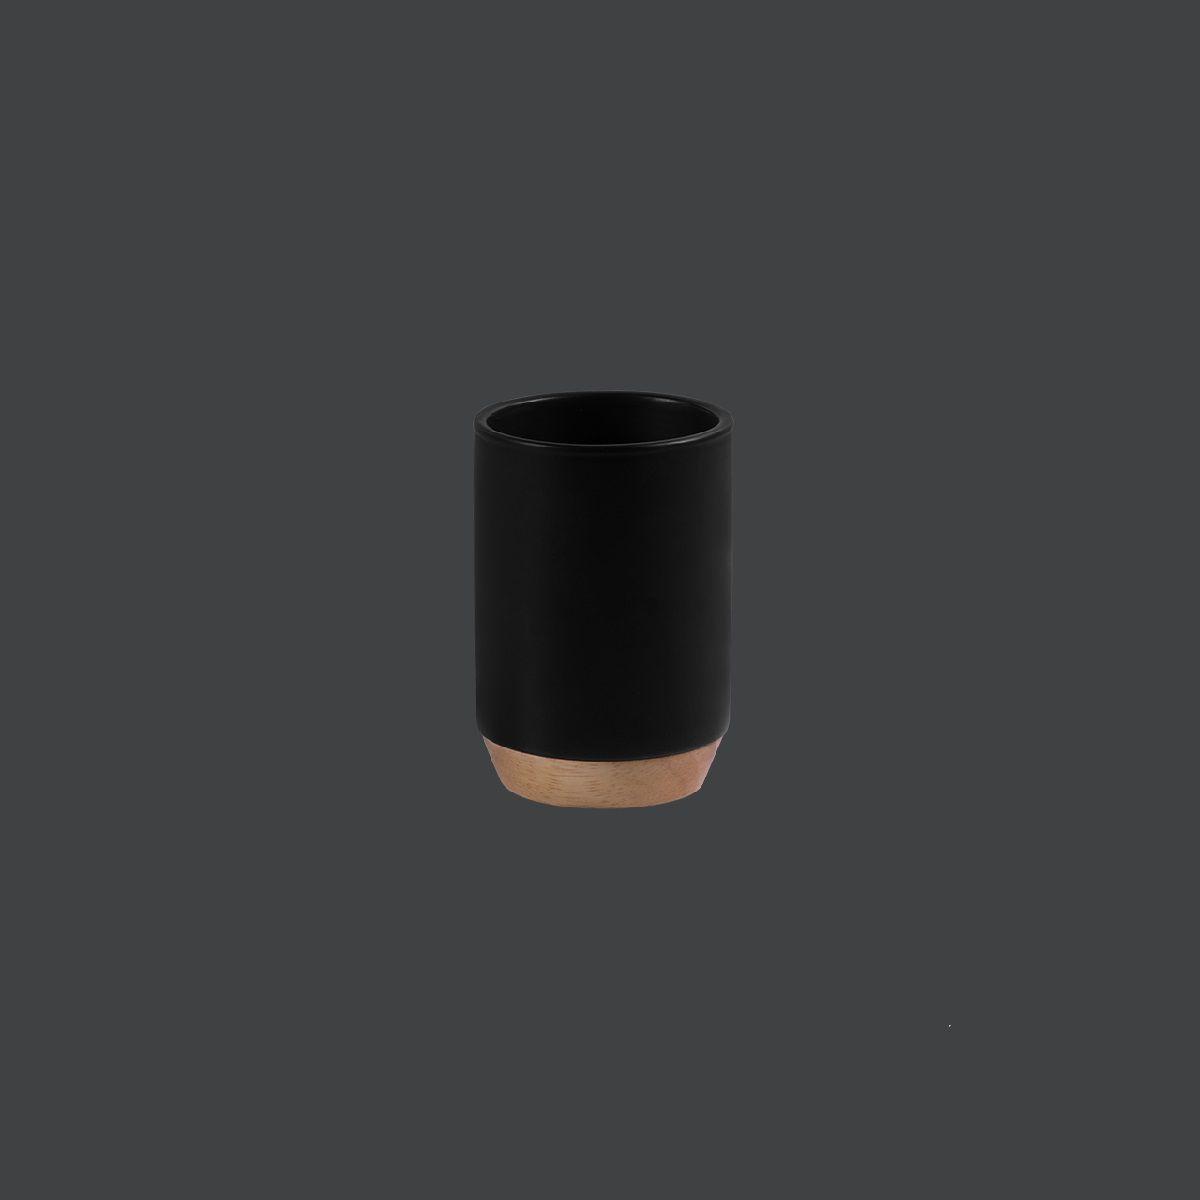 Porta Objetos de Cerâmica e Madeira - KBCM/PO